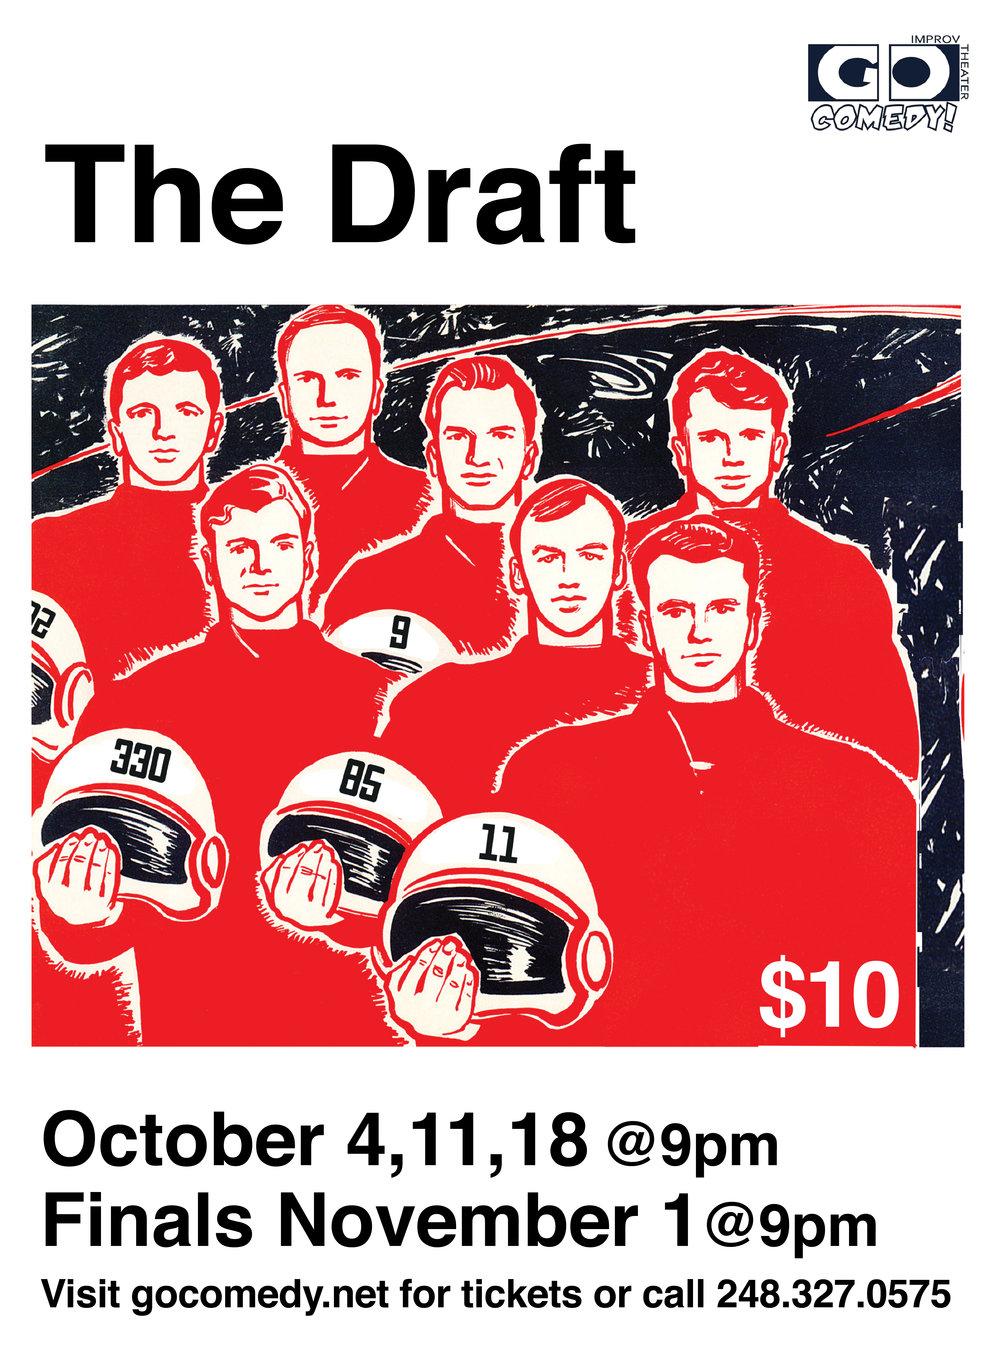 draft edit-final final not draft.jpg